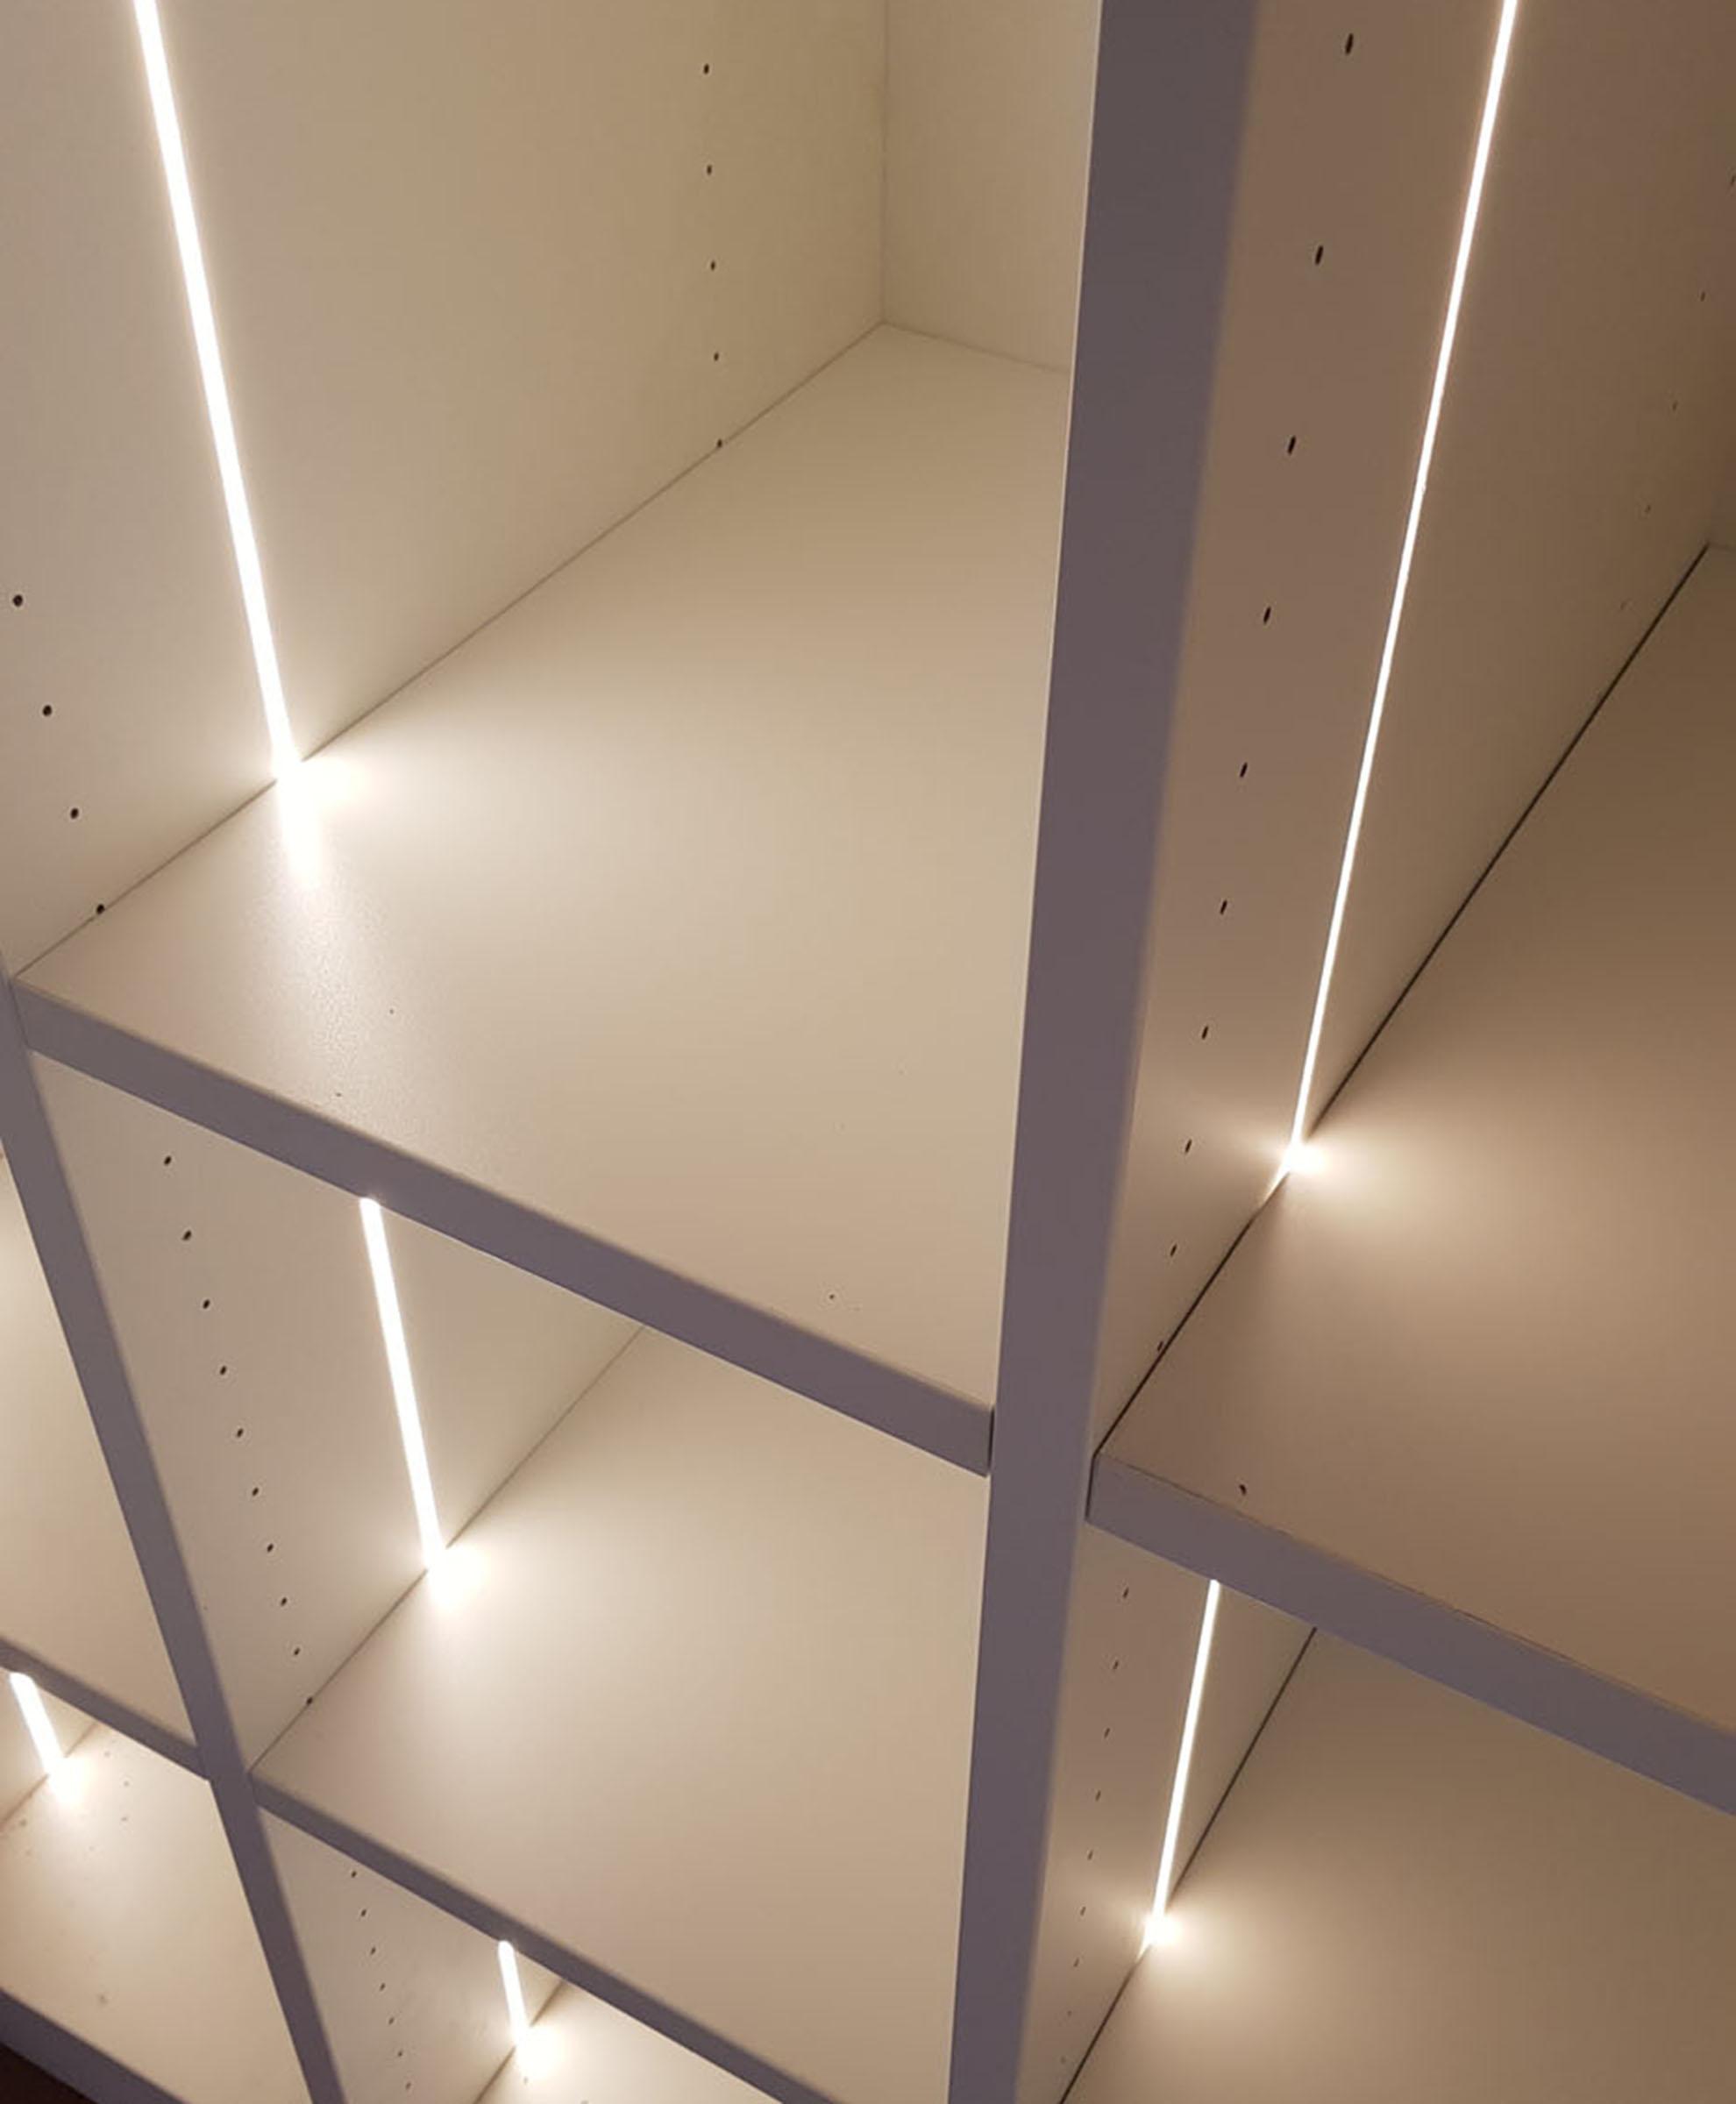 Hus_Interieur - Portfolio - Maatwerk - Accenten